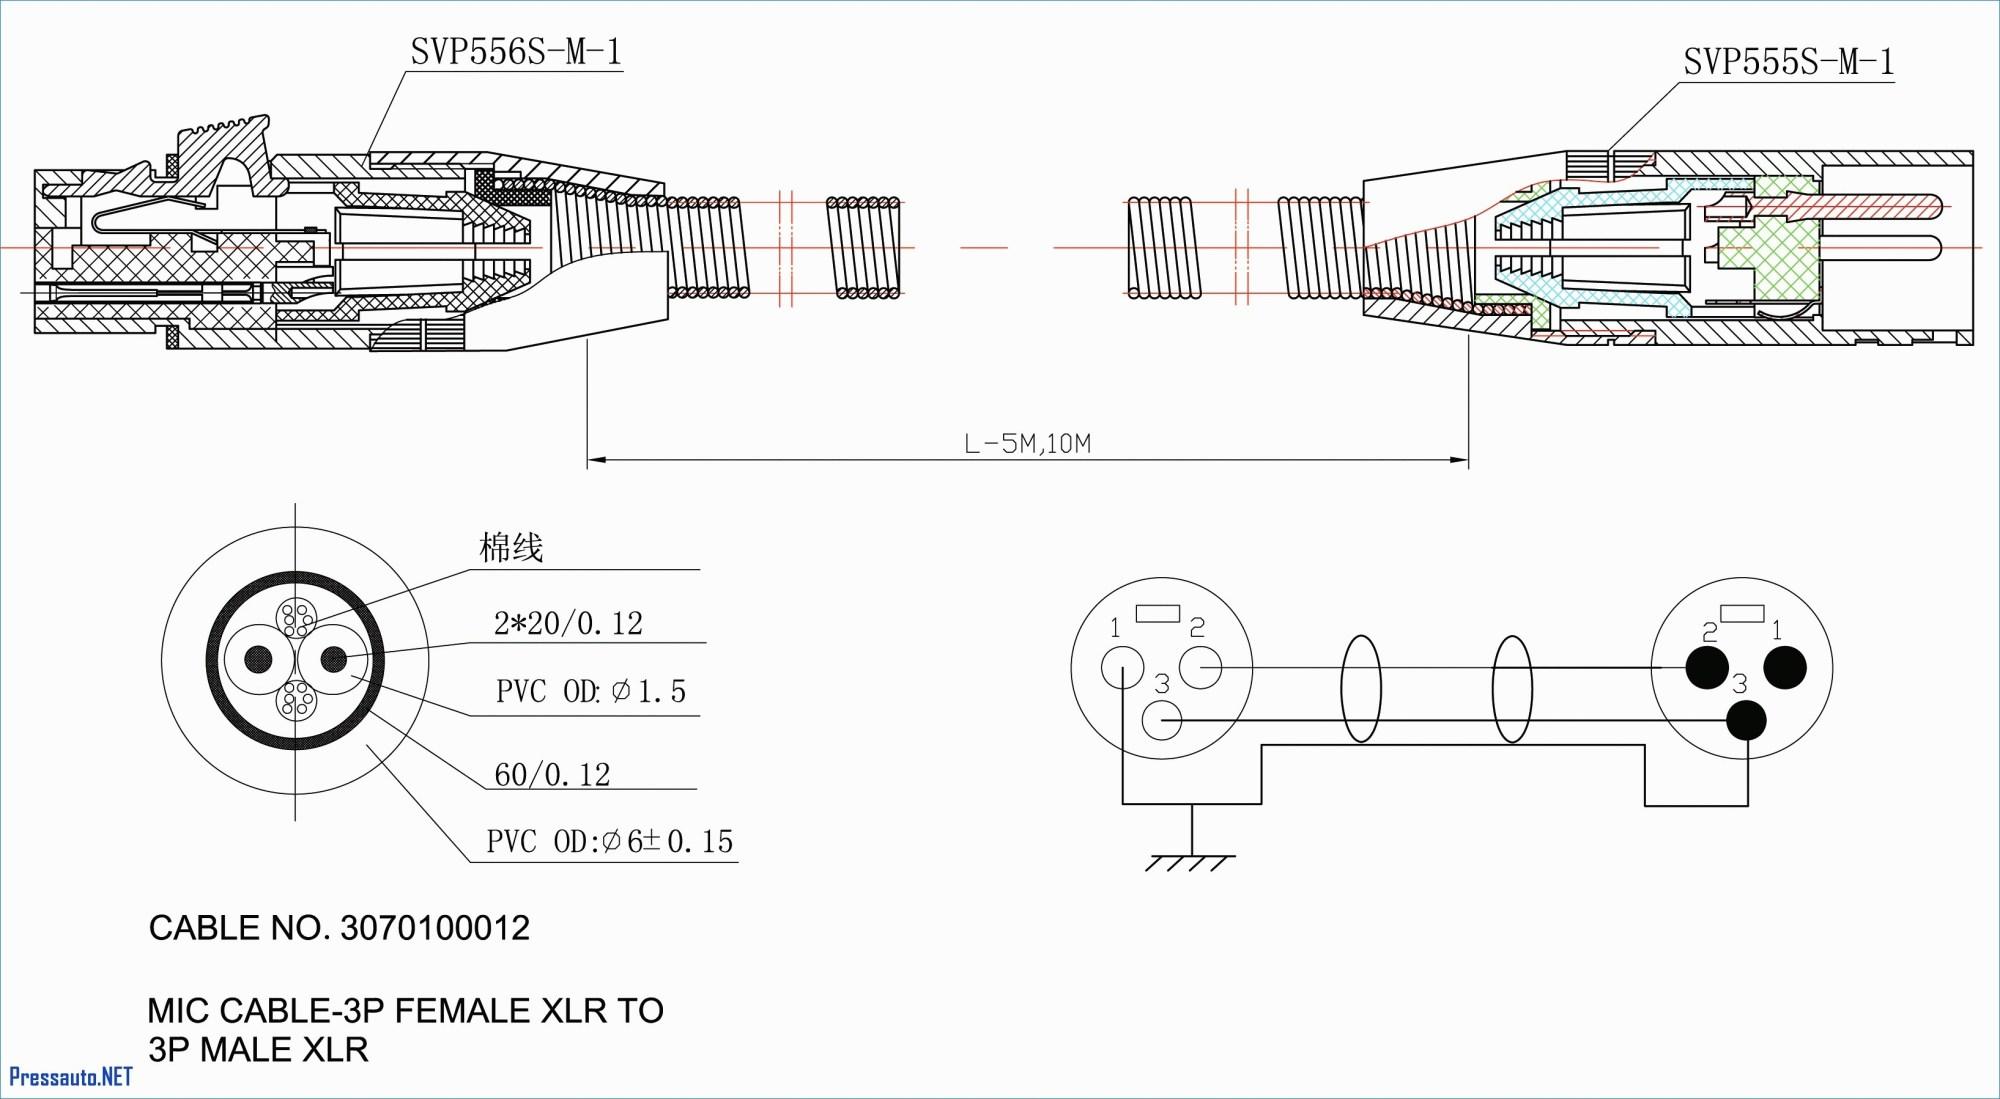 hight resolution of 2007 chrysler sebring wiring diagram 2007 chrysler sebring wiring diagram 2004 chrysler sebring lovely wiring